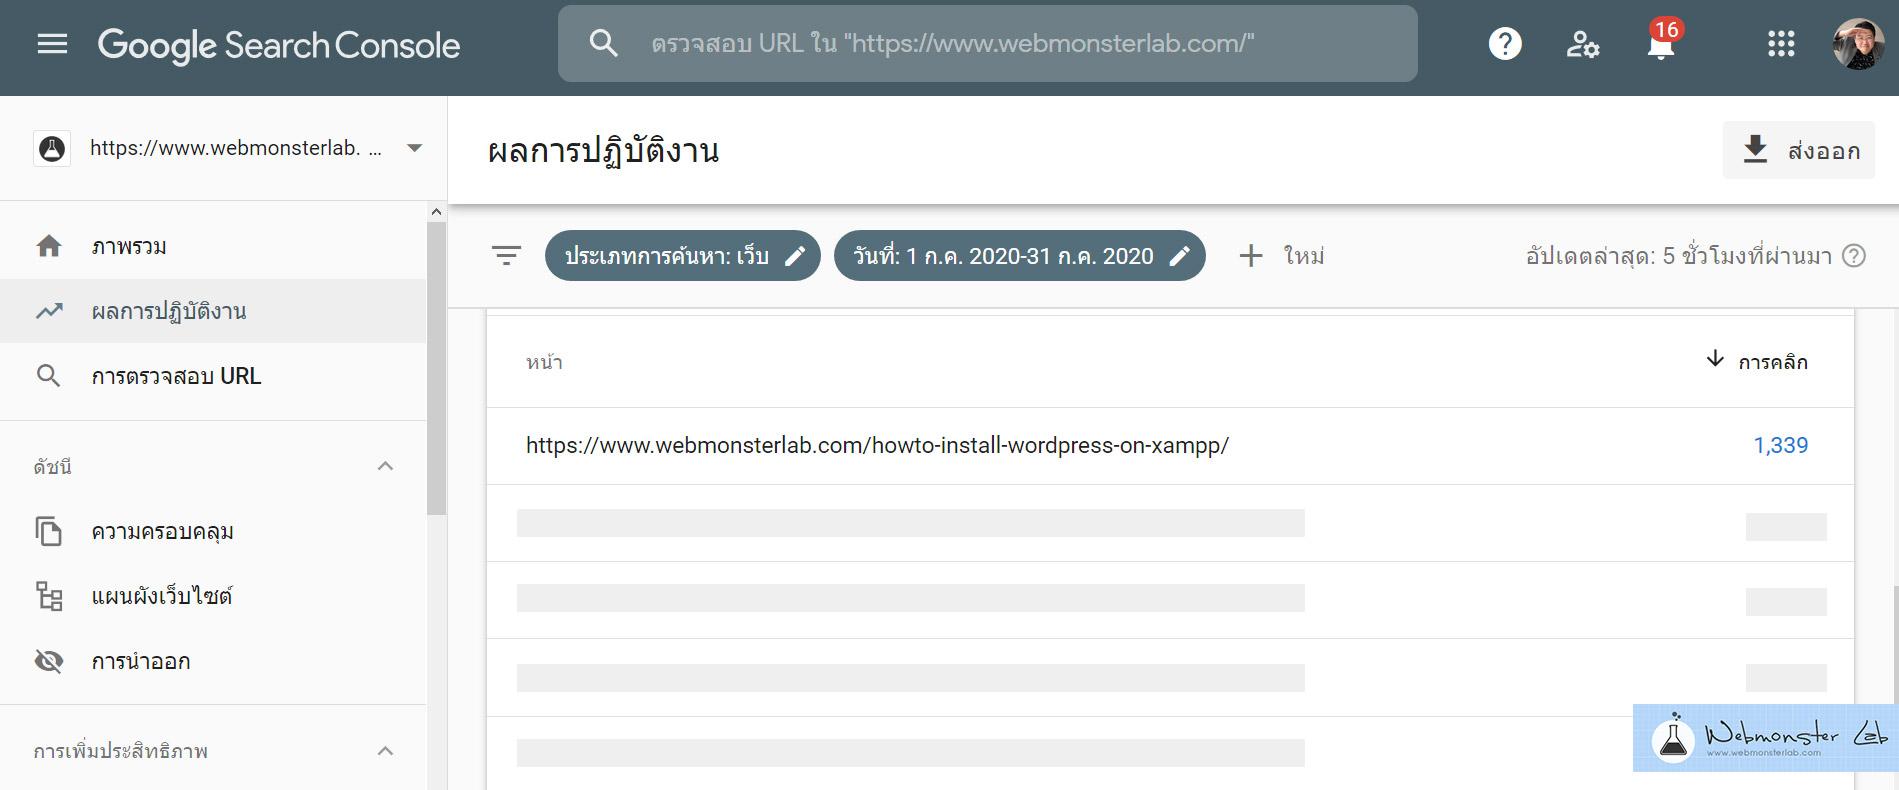 ทำไมเว็บไซต์จึงต้องการ Webmaster - Google Search Console - Top View